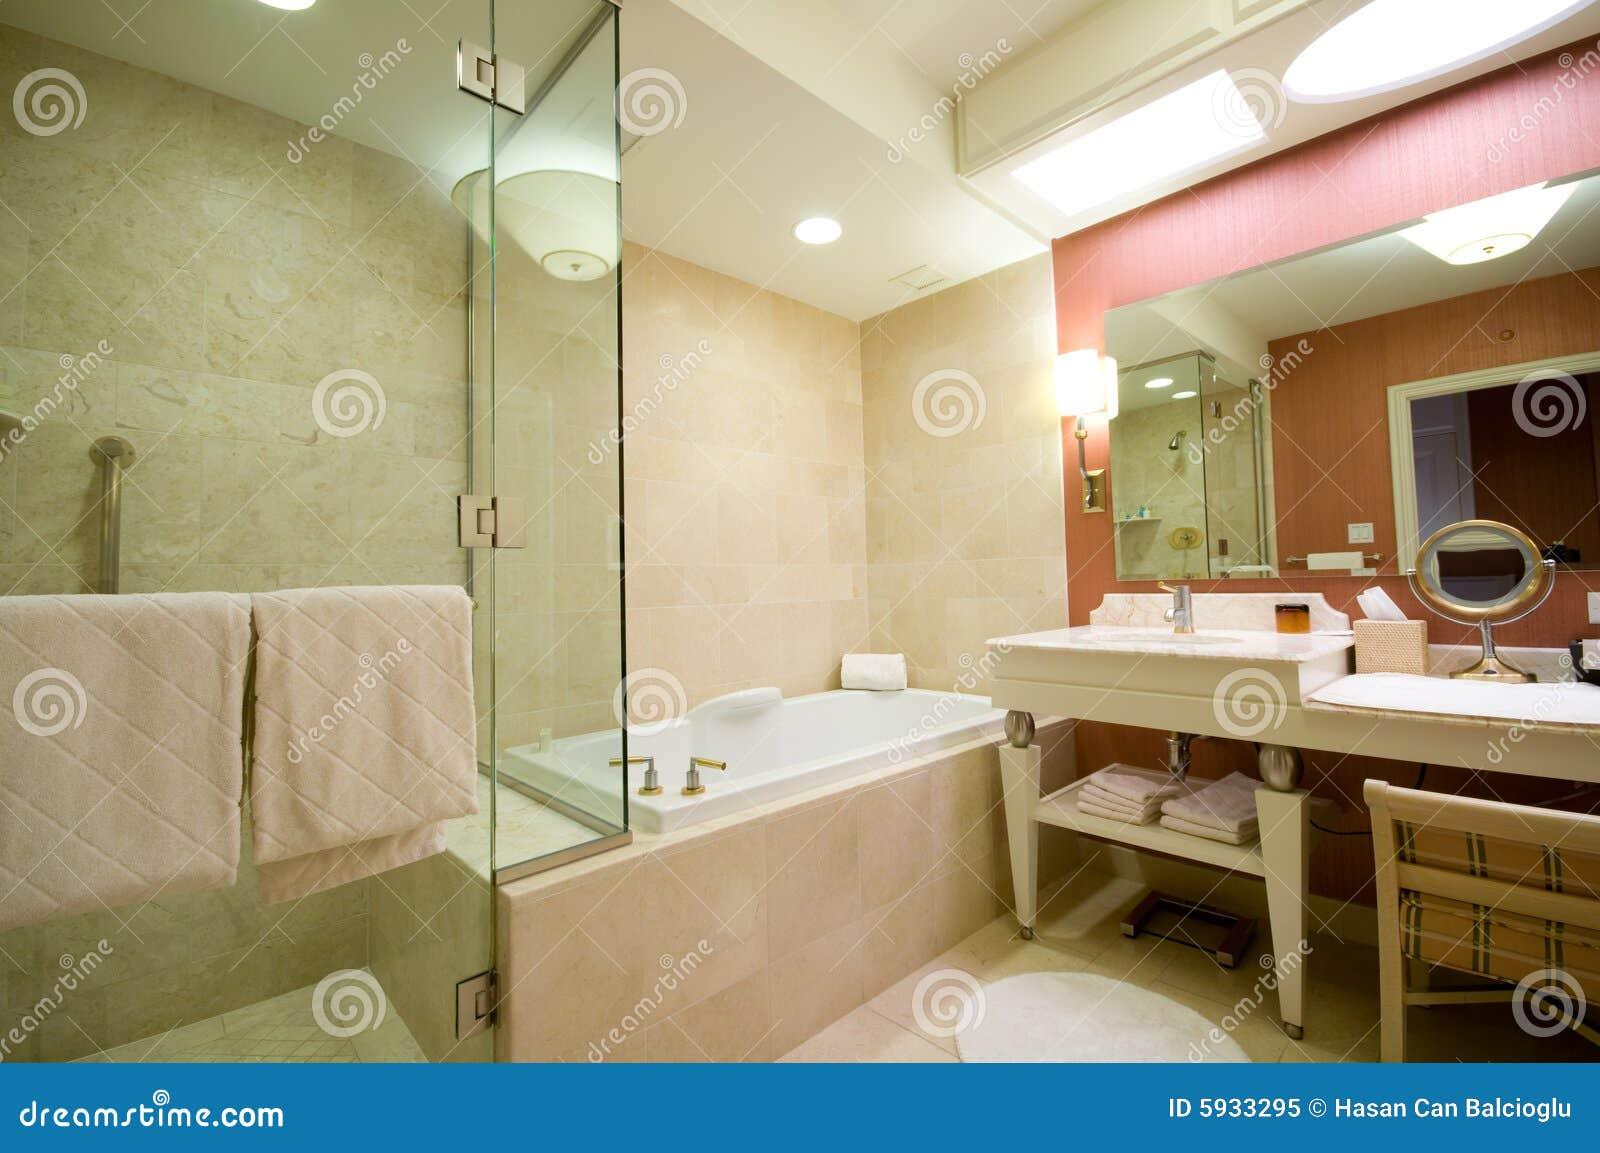 Banheiro Do Hotel De Luxo Foto de Stock Royalty Free Imagem: 5933295 #342008 1300x953 Banheiro Container De Luxo